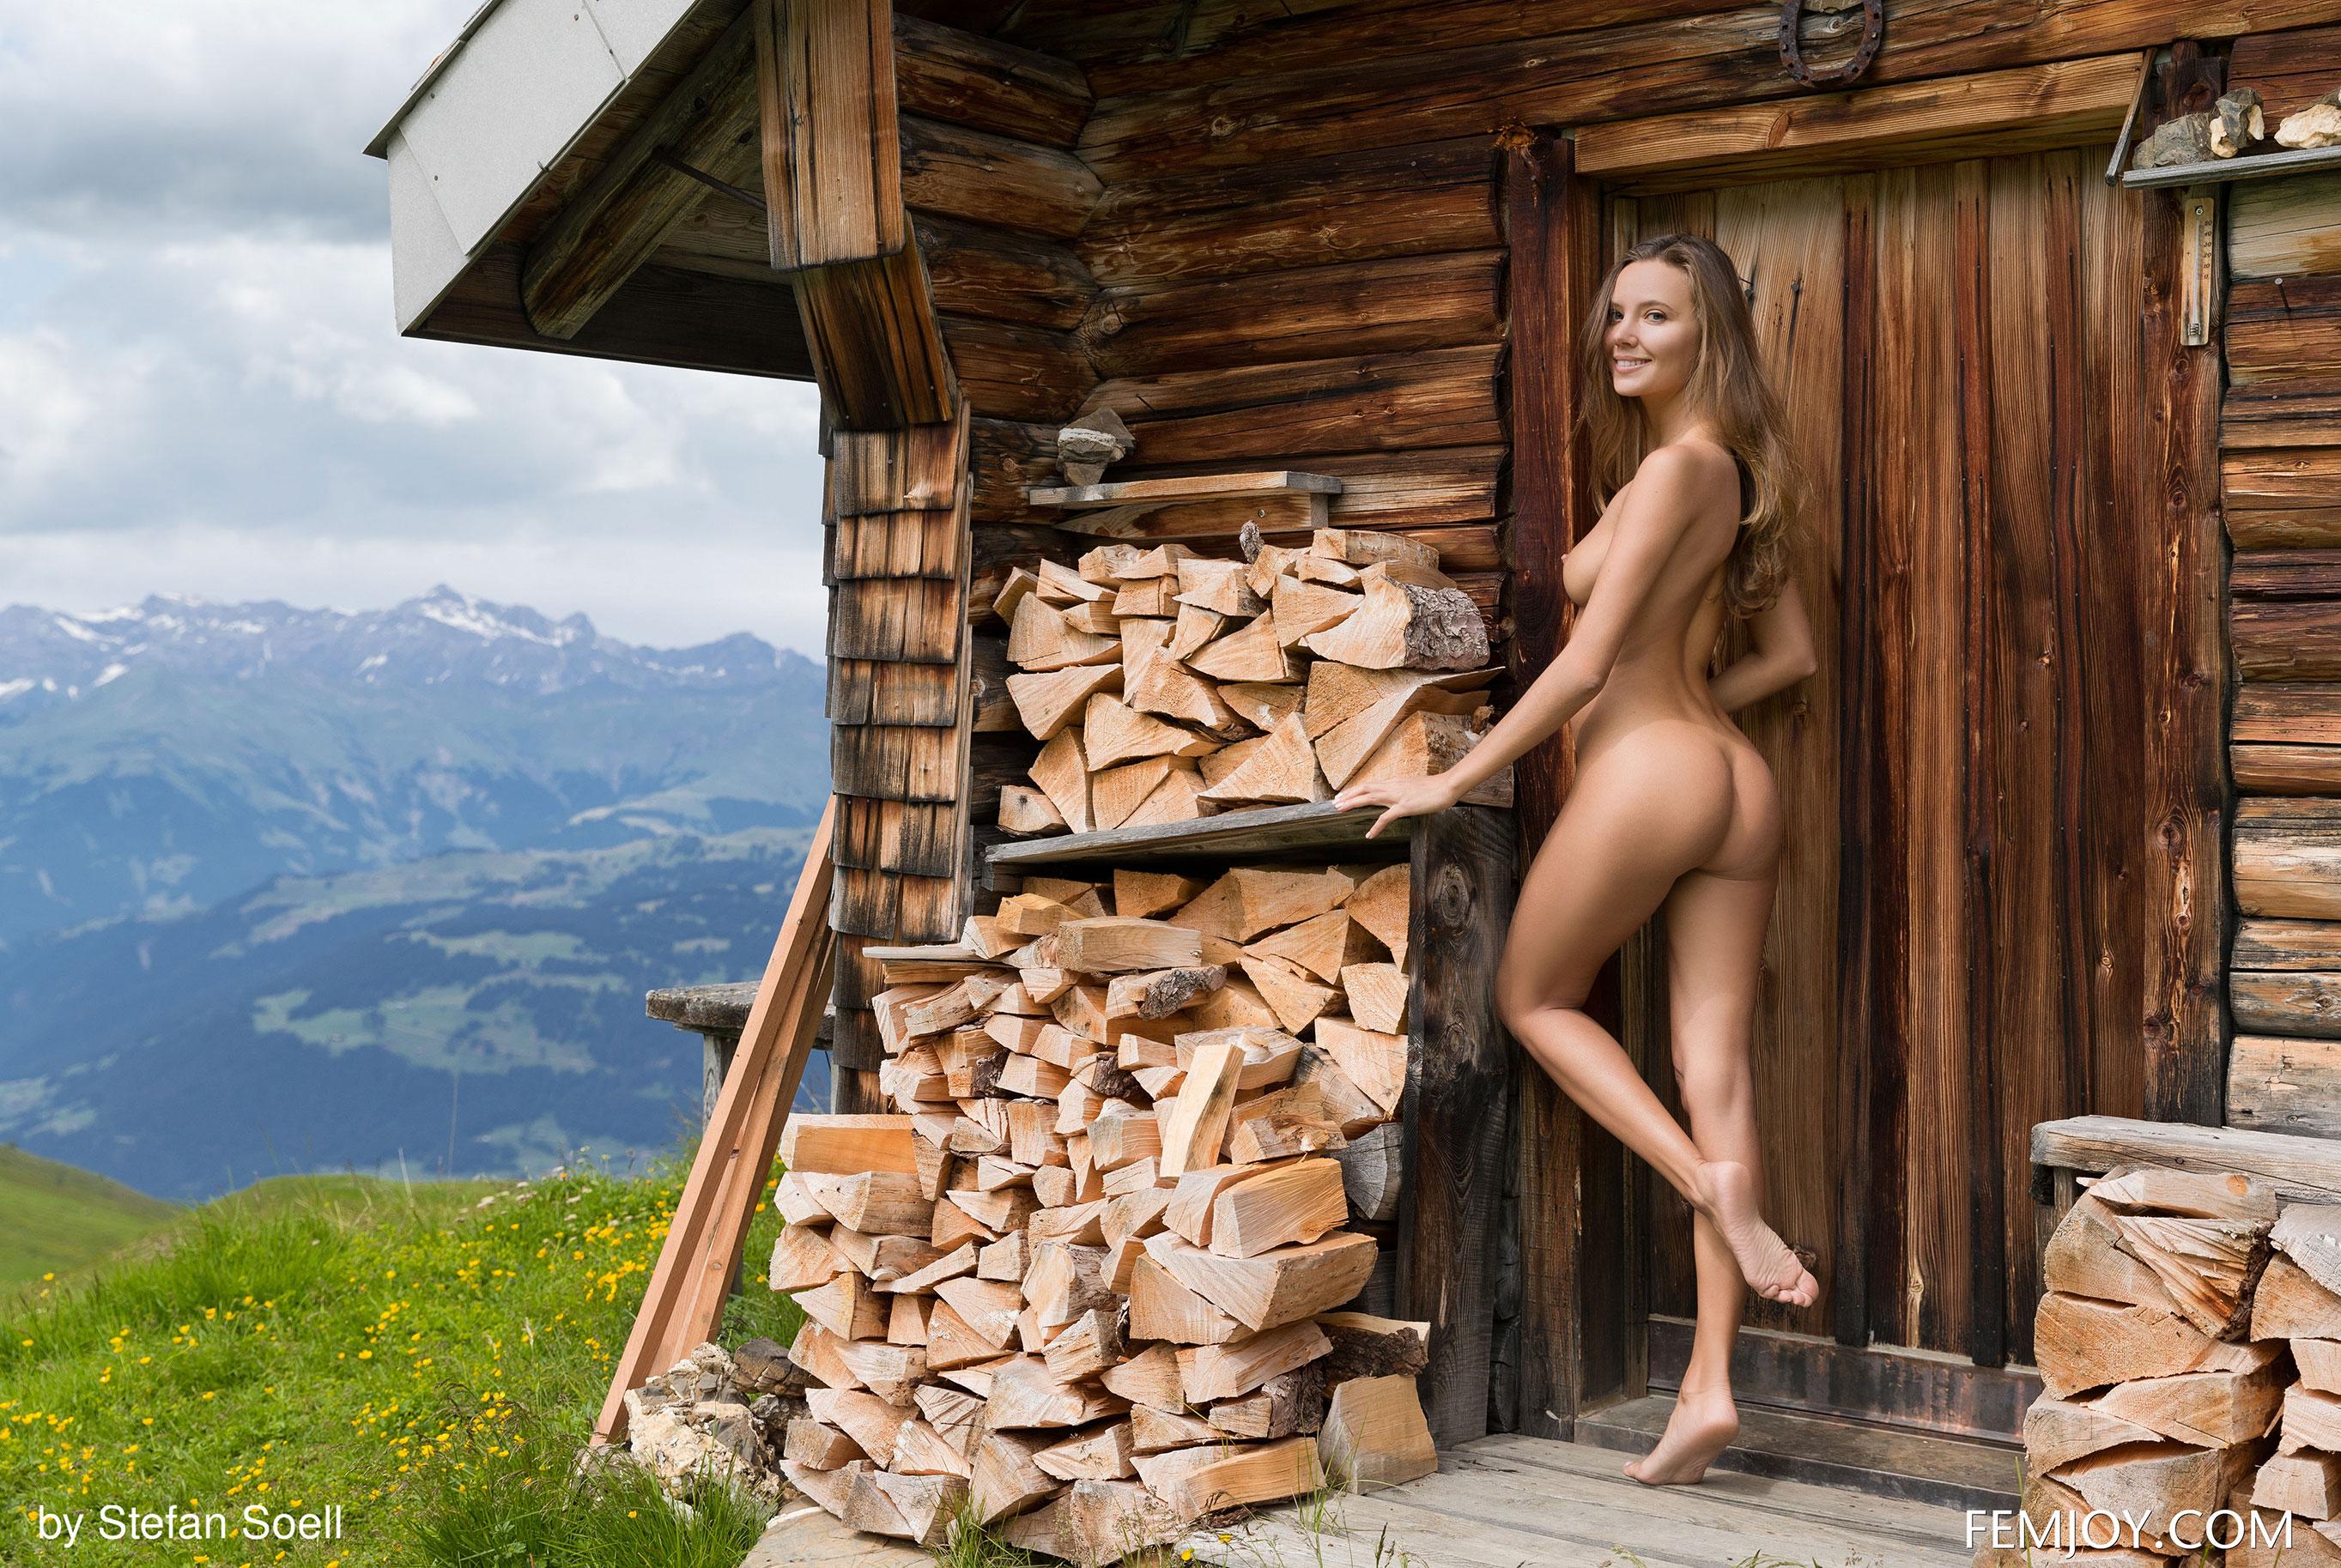 Сексуальная Катя - голая и одинокая в избушке на склоне Альпийских гор / фото 12